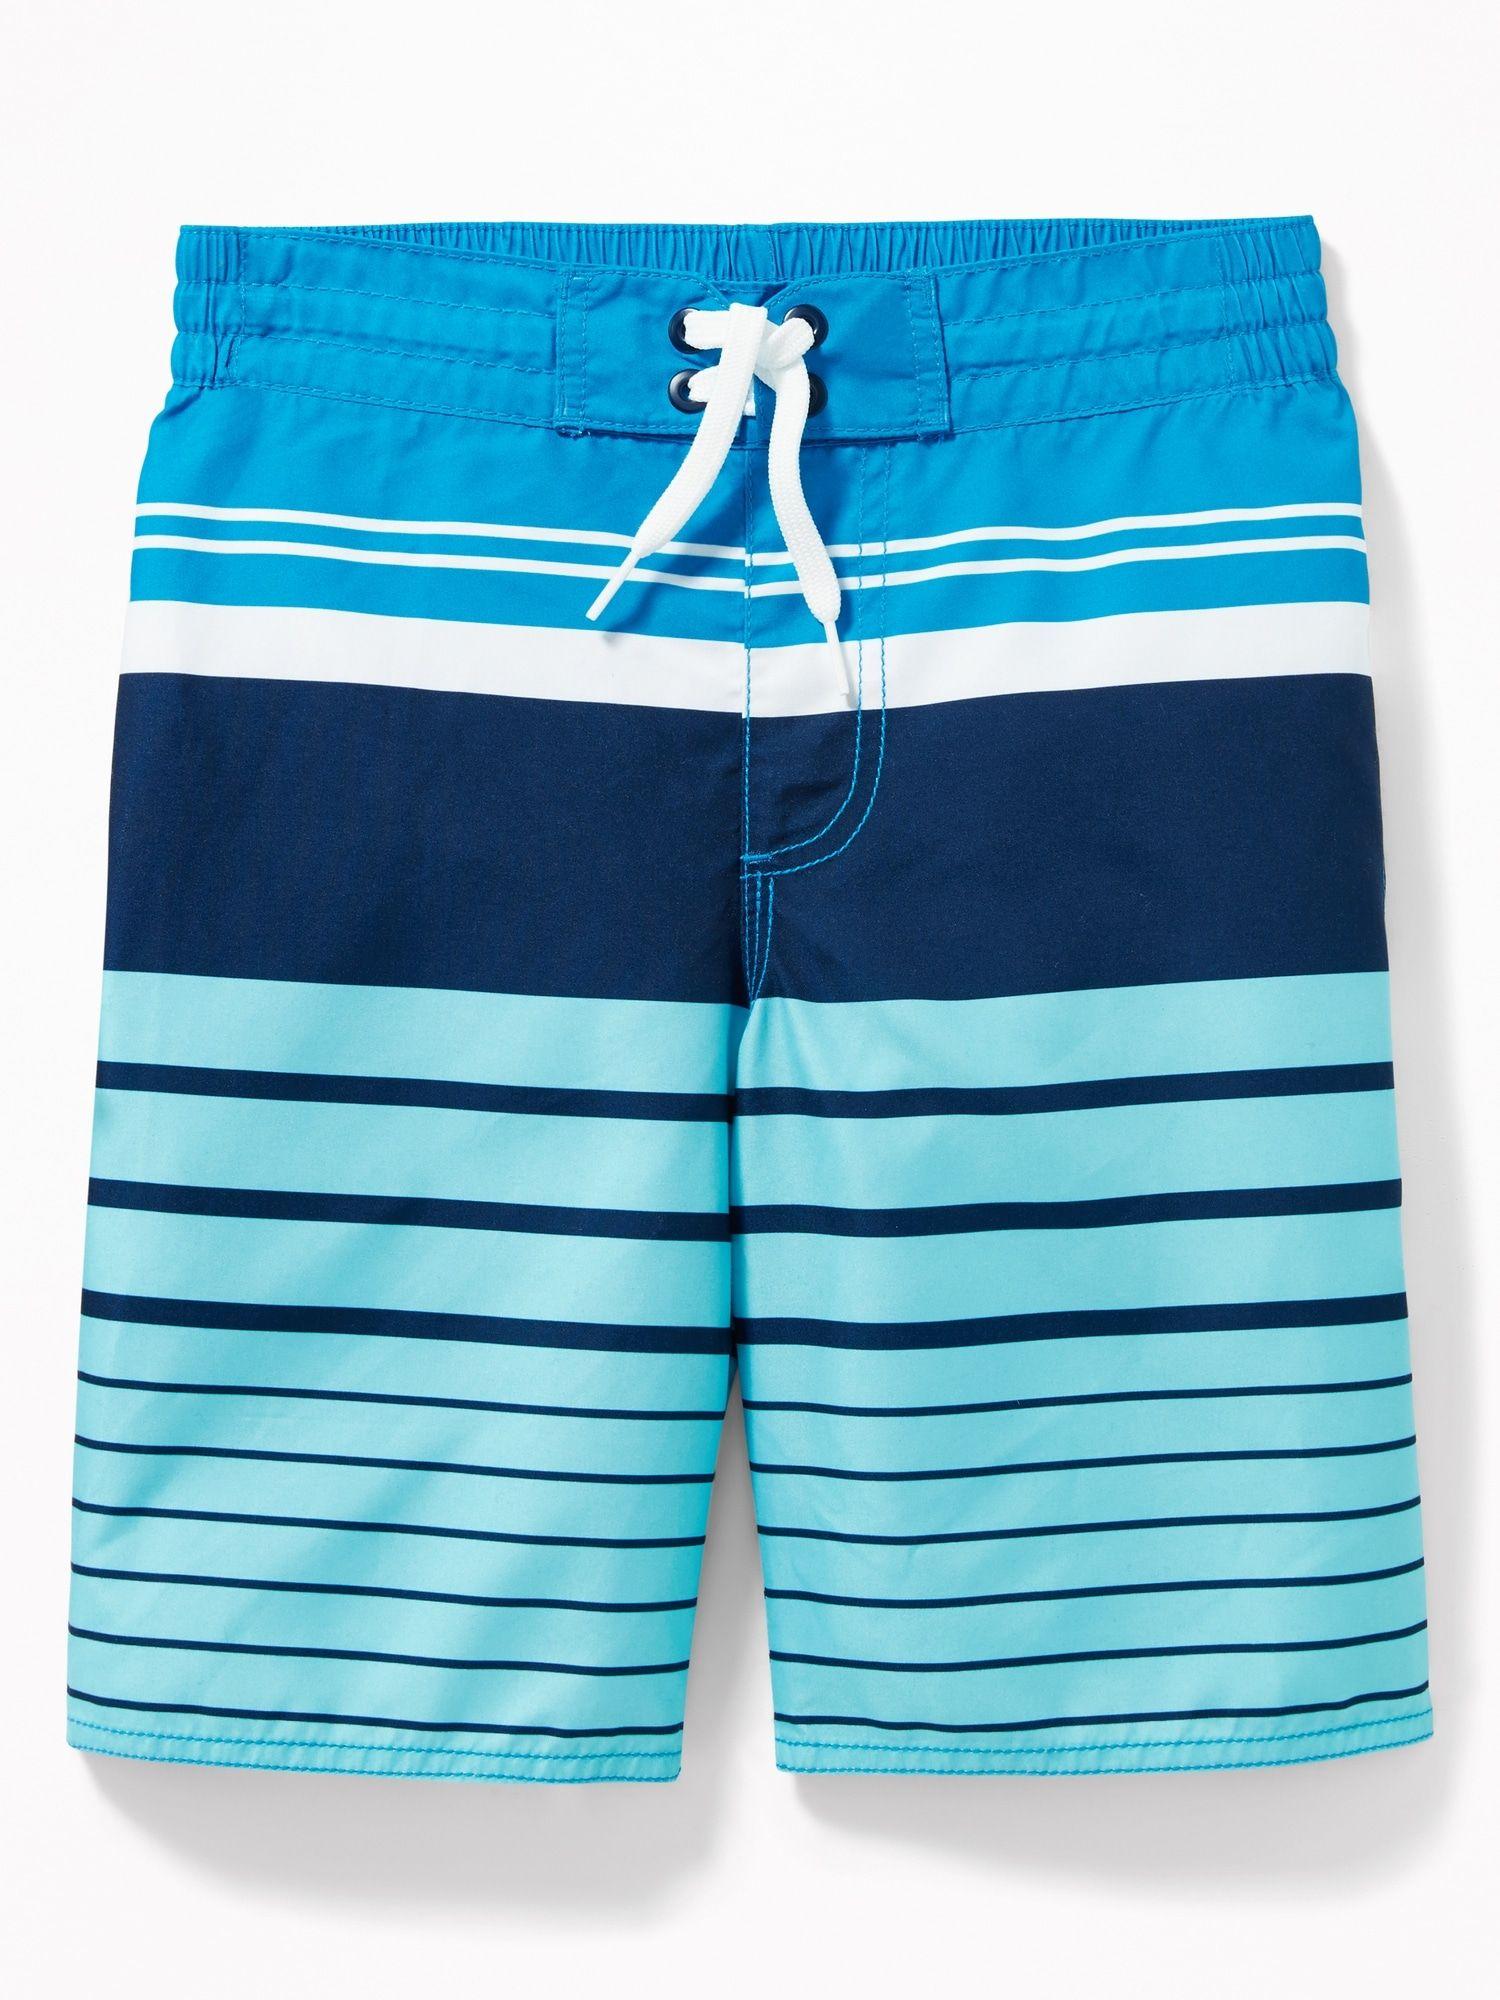 f3faf33484 Patterned Board Shorts for Boys | SWIM | Boys swimwear, Shorts, Blue ...